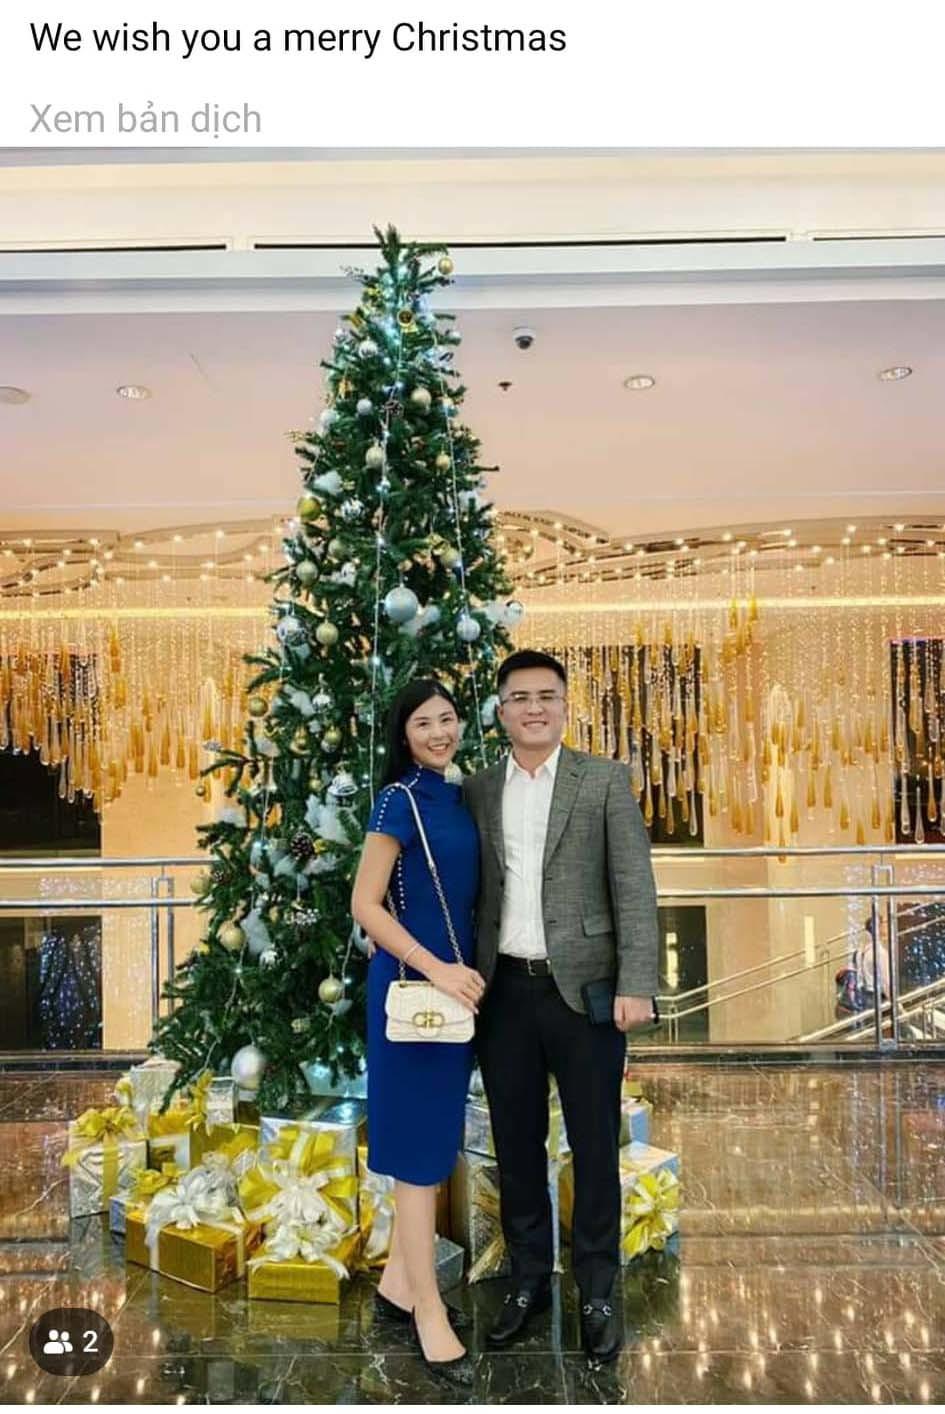 Chồng chưa cưới công khai đăng ảnh đón Giáng sinh cùng Hoa hậu Ngọc Hân